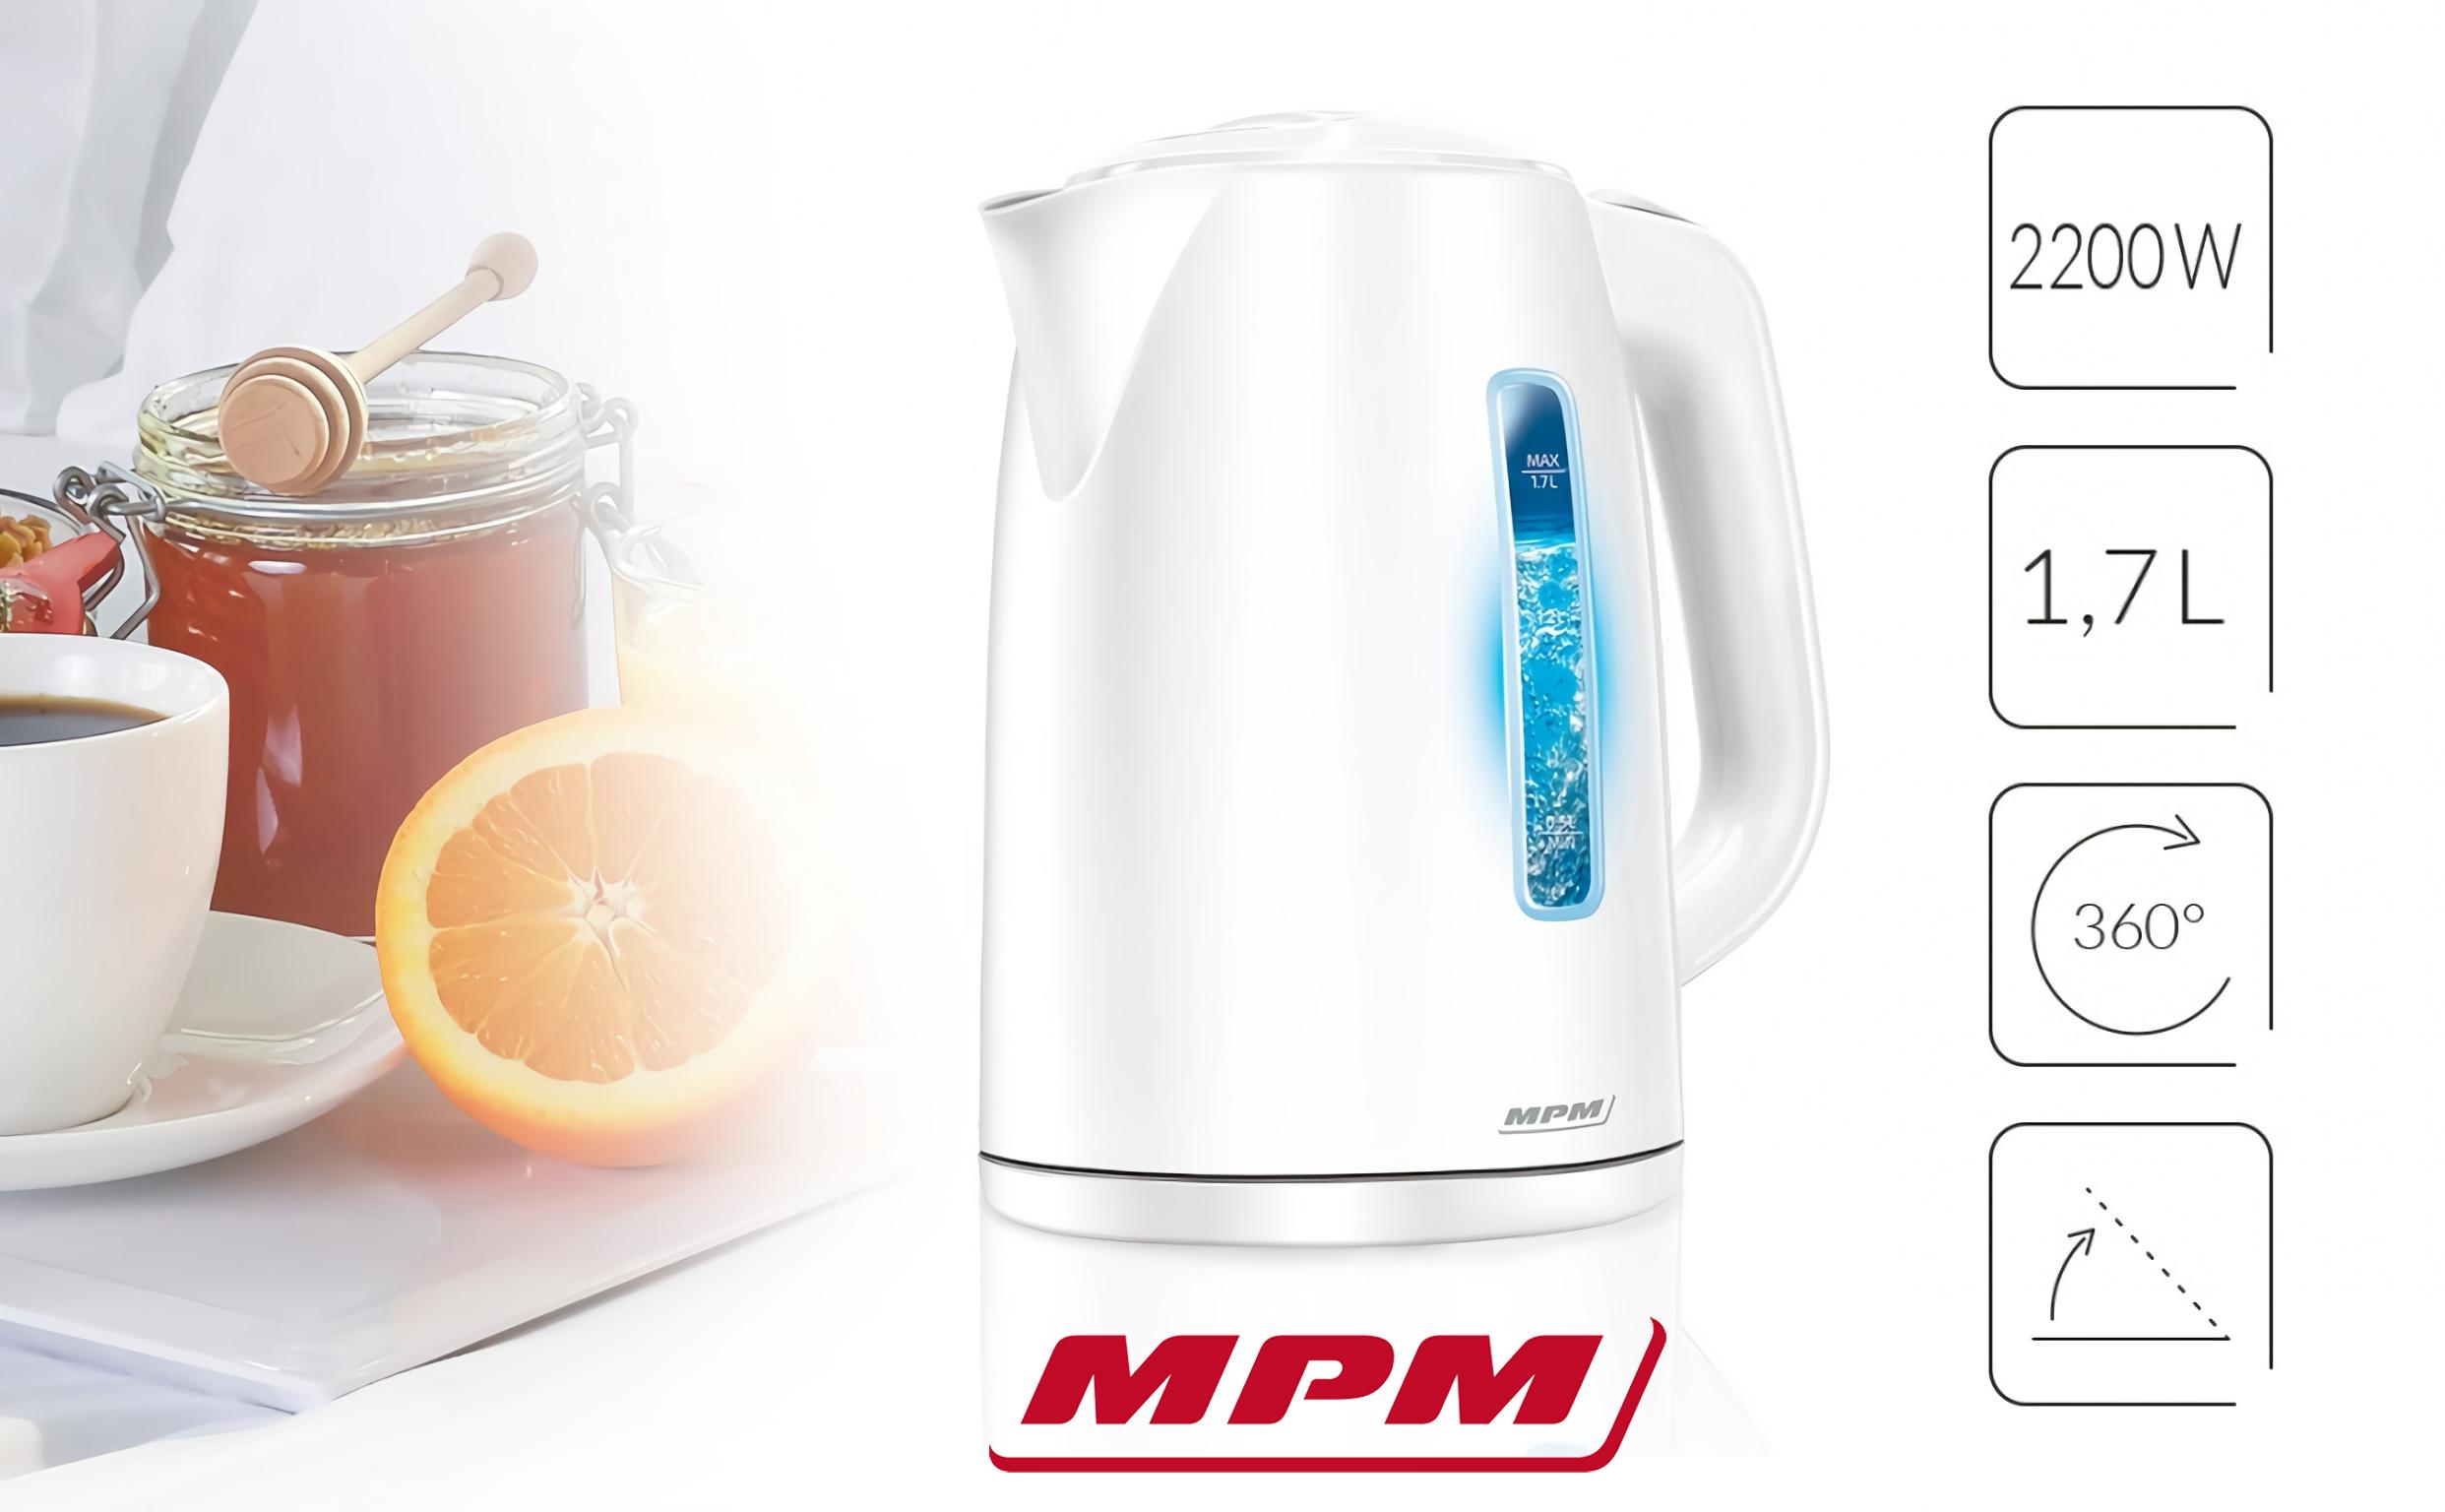 MPM MCZ-66 Hervidor De Agua Eléctrico Inalámbrico. 1,7 Litros, Filtro Anti cal, Base 360º, Retroiluminación , 2200w, blanco